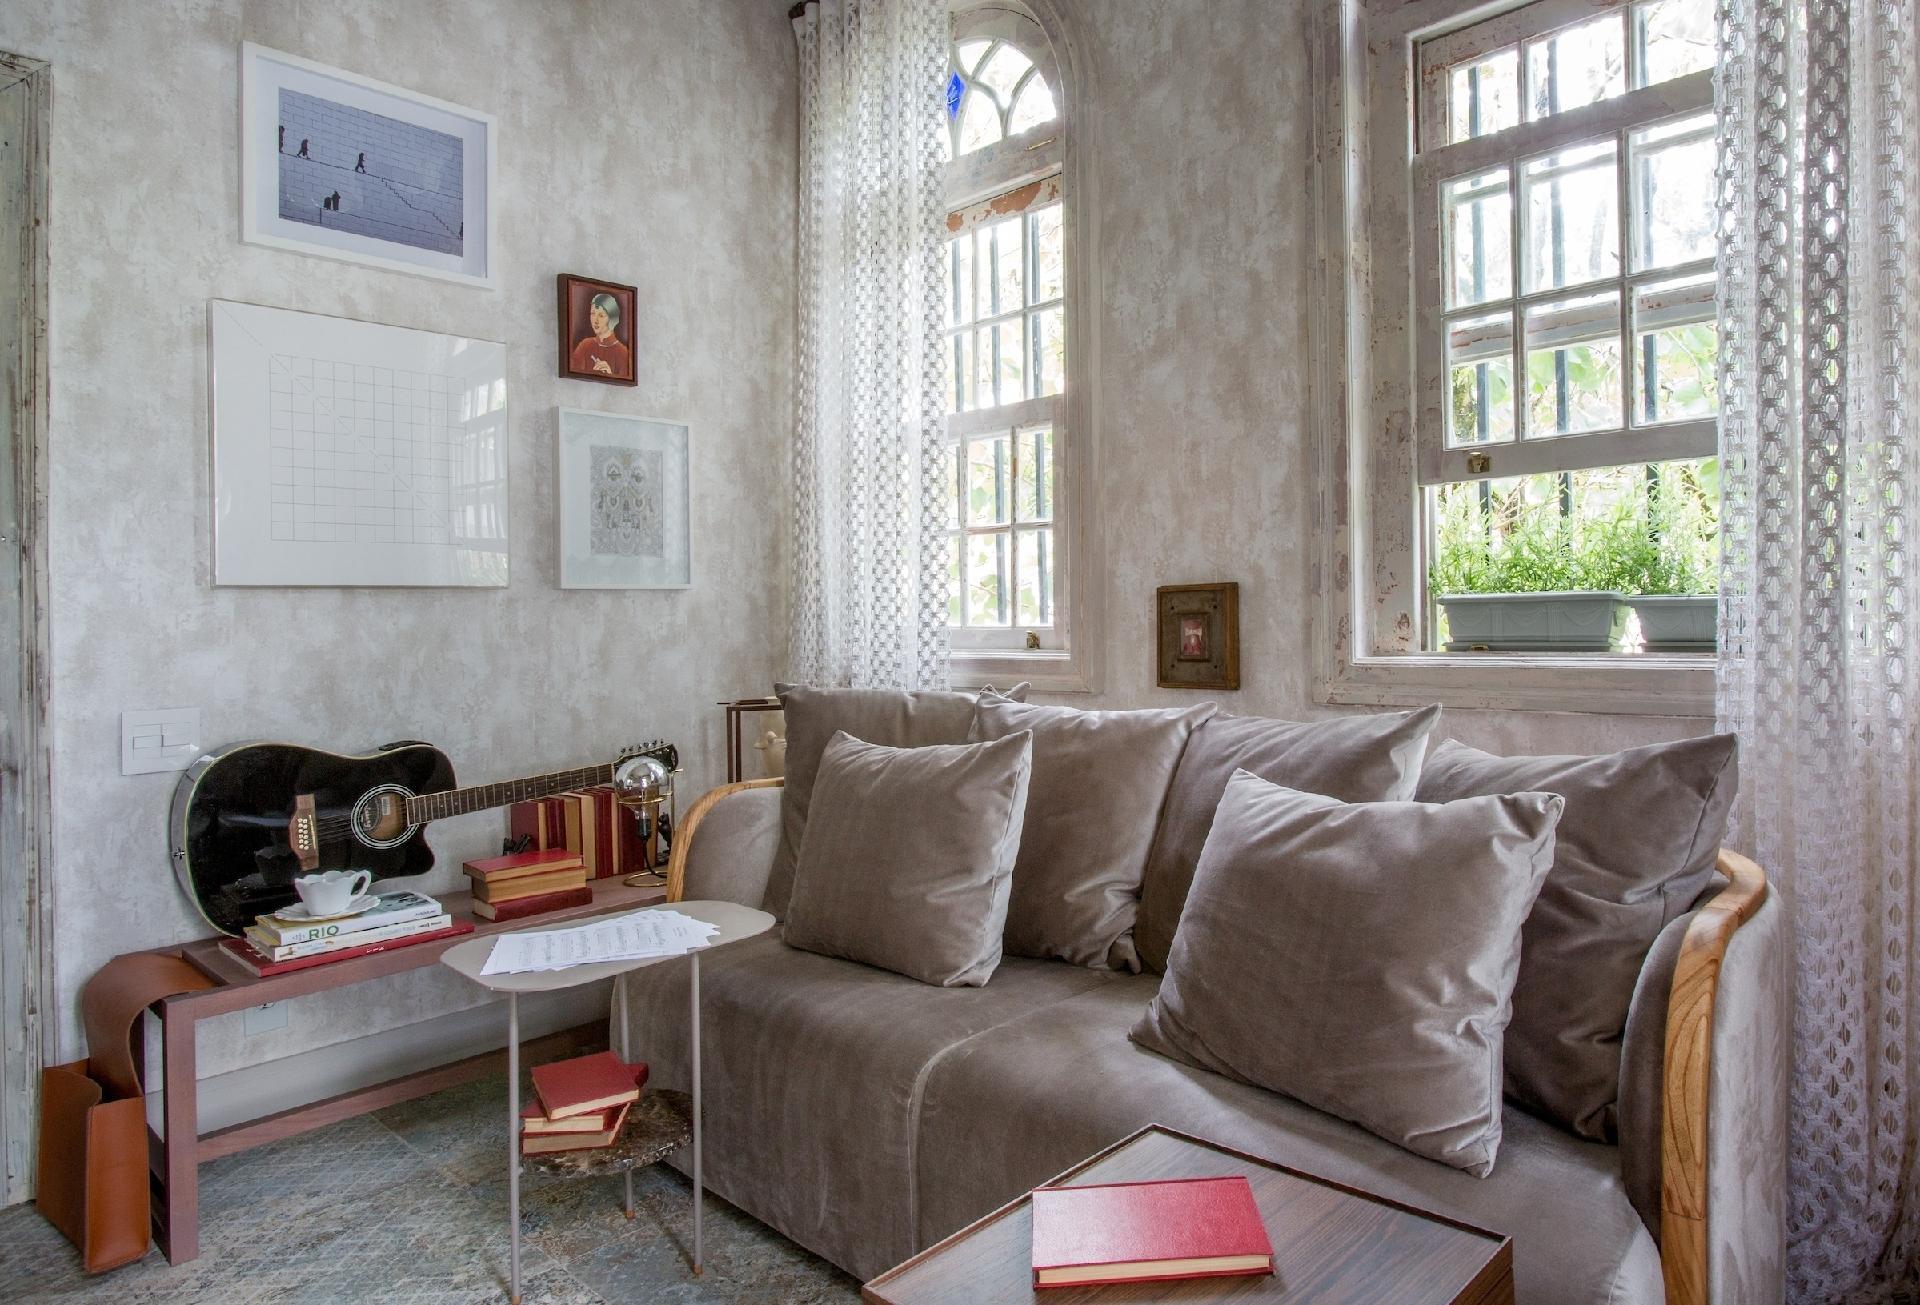 Casa Cor Rio 2016 - Um espaço para viver devagar foi a prerrogativa de Andrea Duarte e Anna Malta para o Atelier Detox. Para isso, cores calmantes, como cinza e gelo, são essenciais. Tal paleta também remete ao conceito